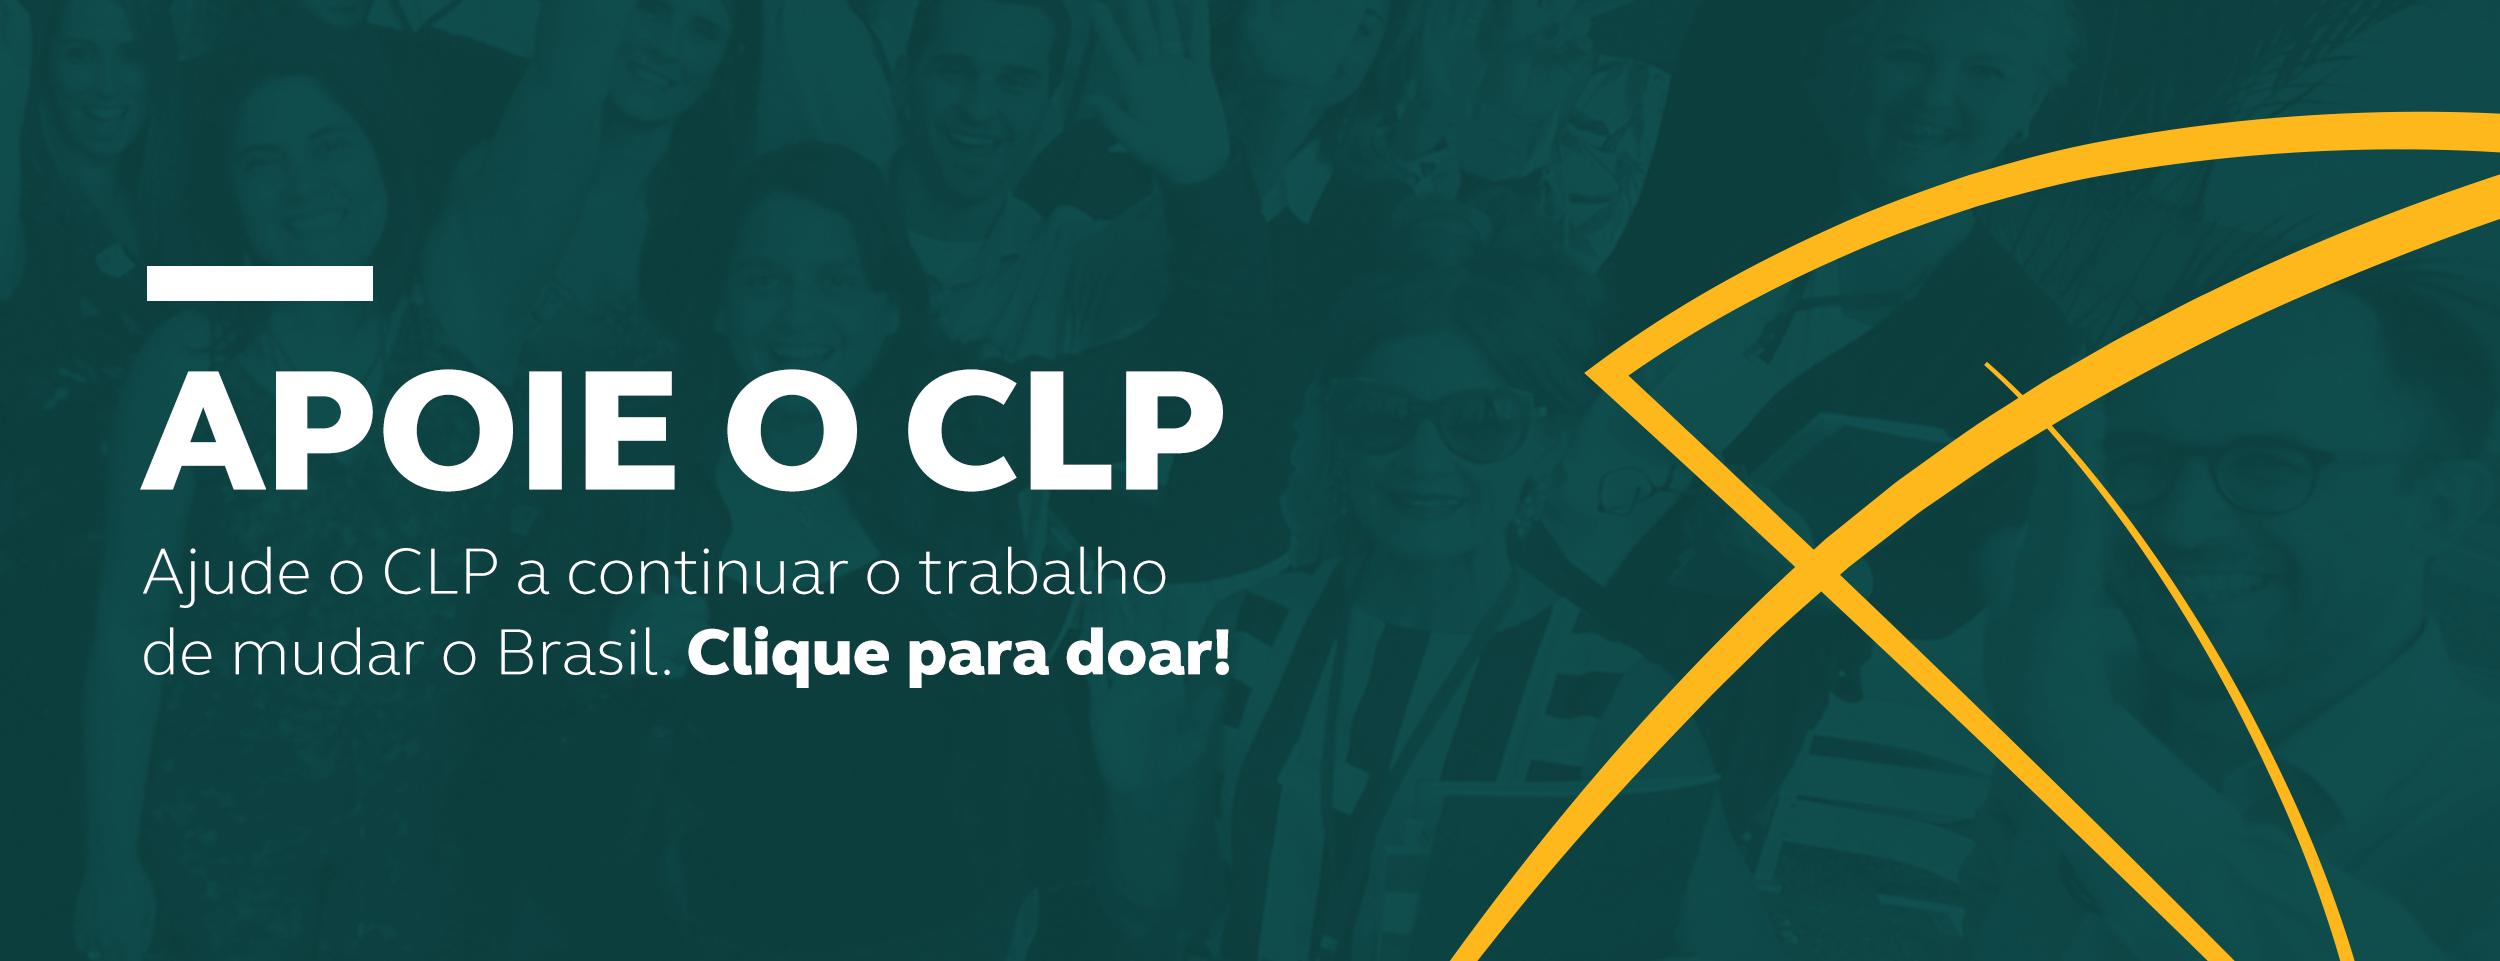 Apoie o CLP - Ajude o CLP a continuar o trabalho de mudar o Brasil. Clique para doar!